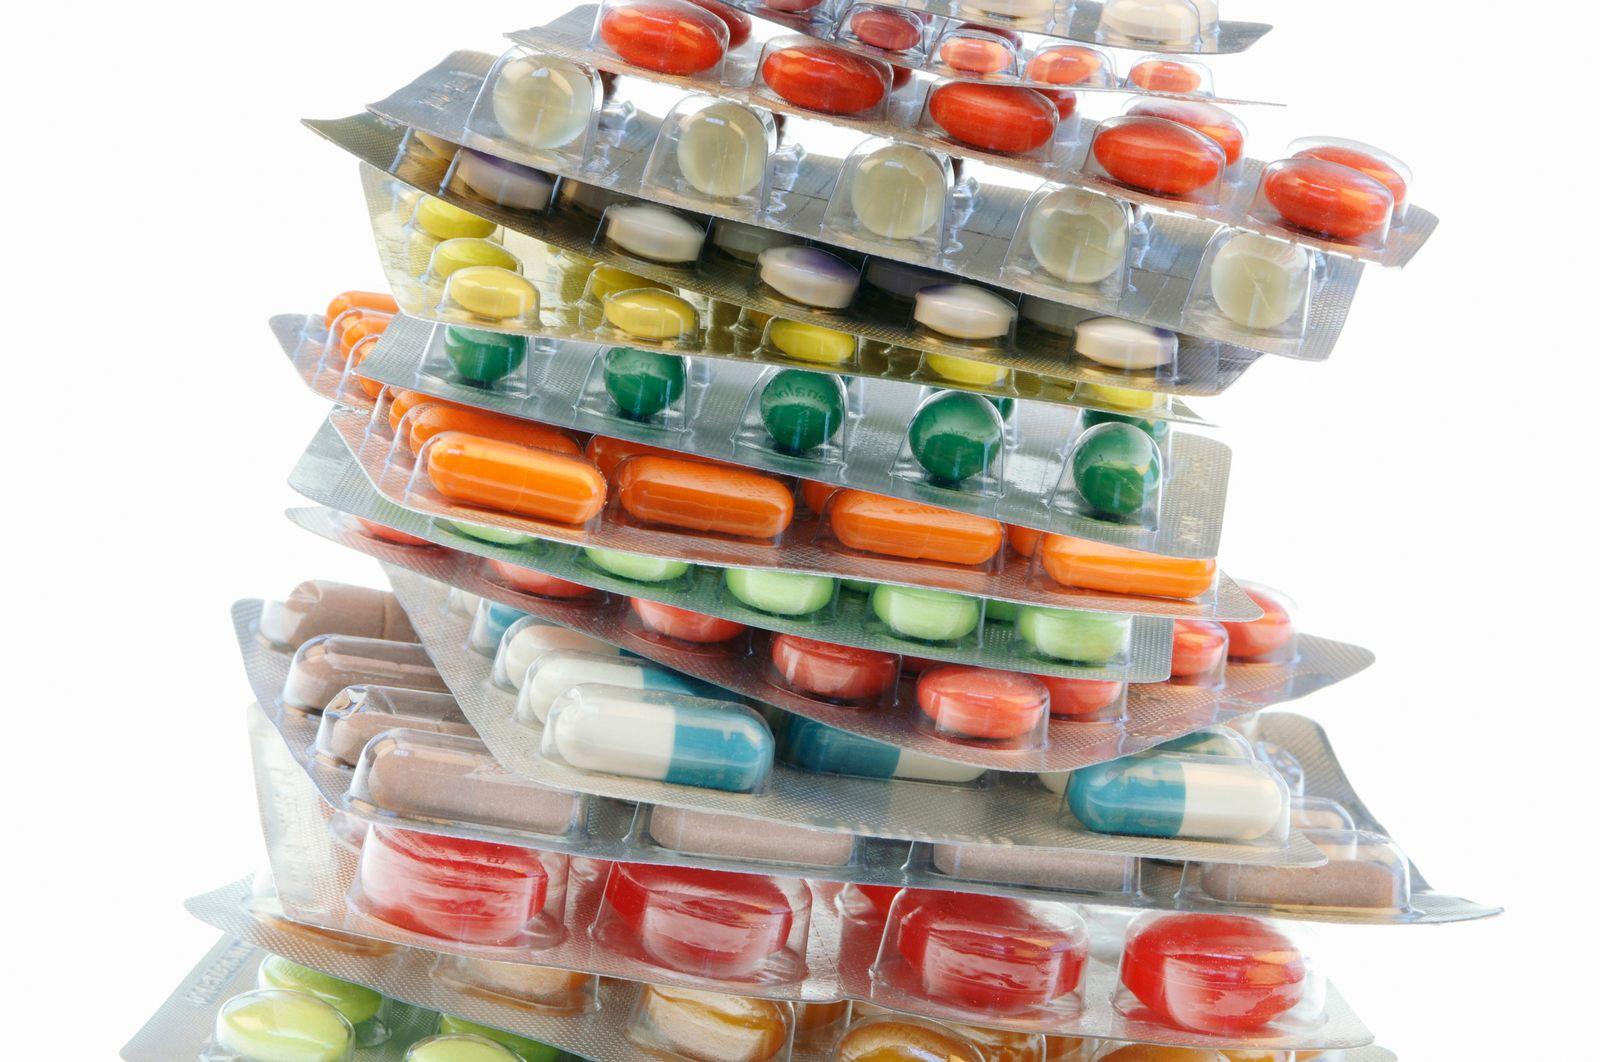 NICHT MEHR VERWENDEN! - Tabletten/ Pillen/ Medikament